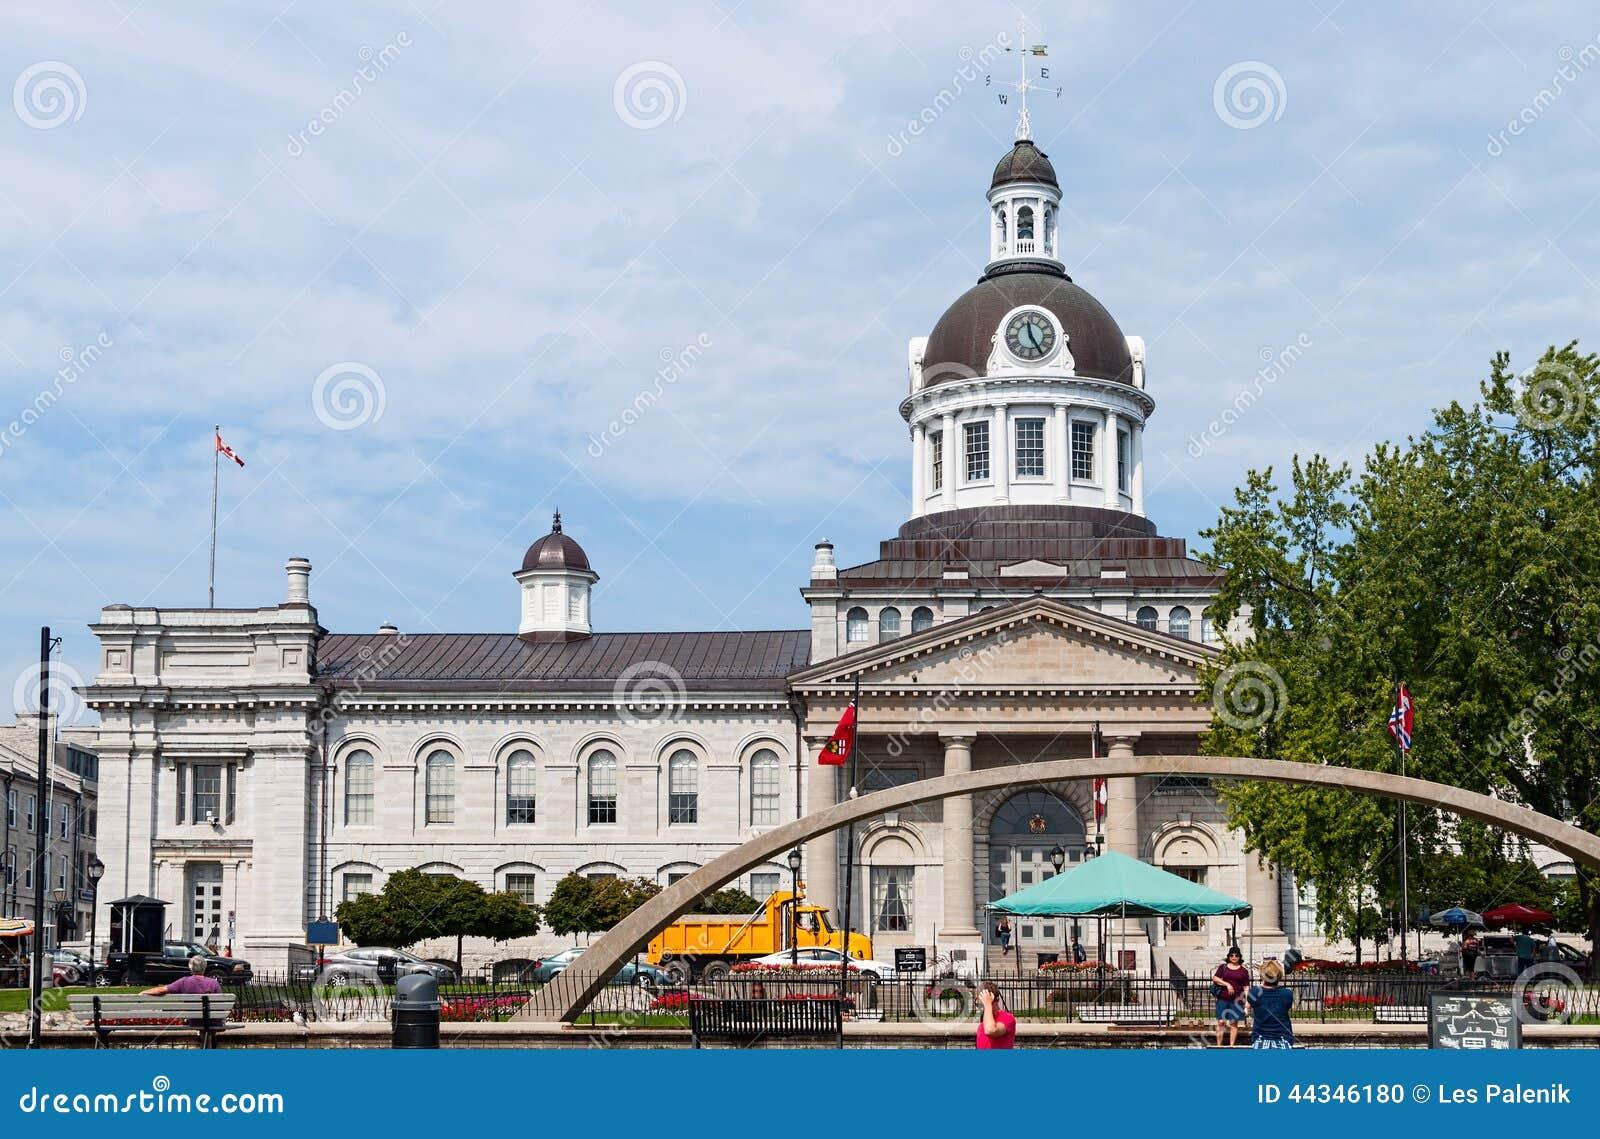 Kingston Cityhall